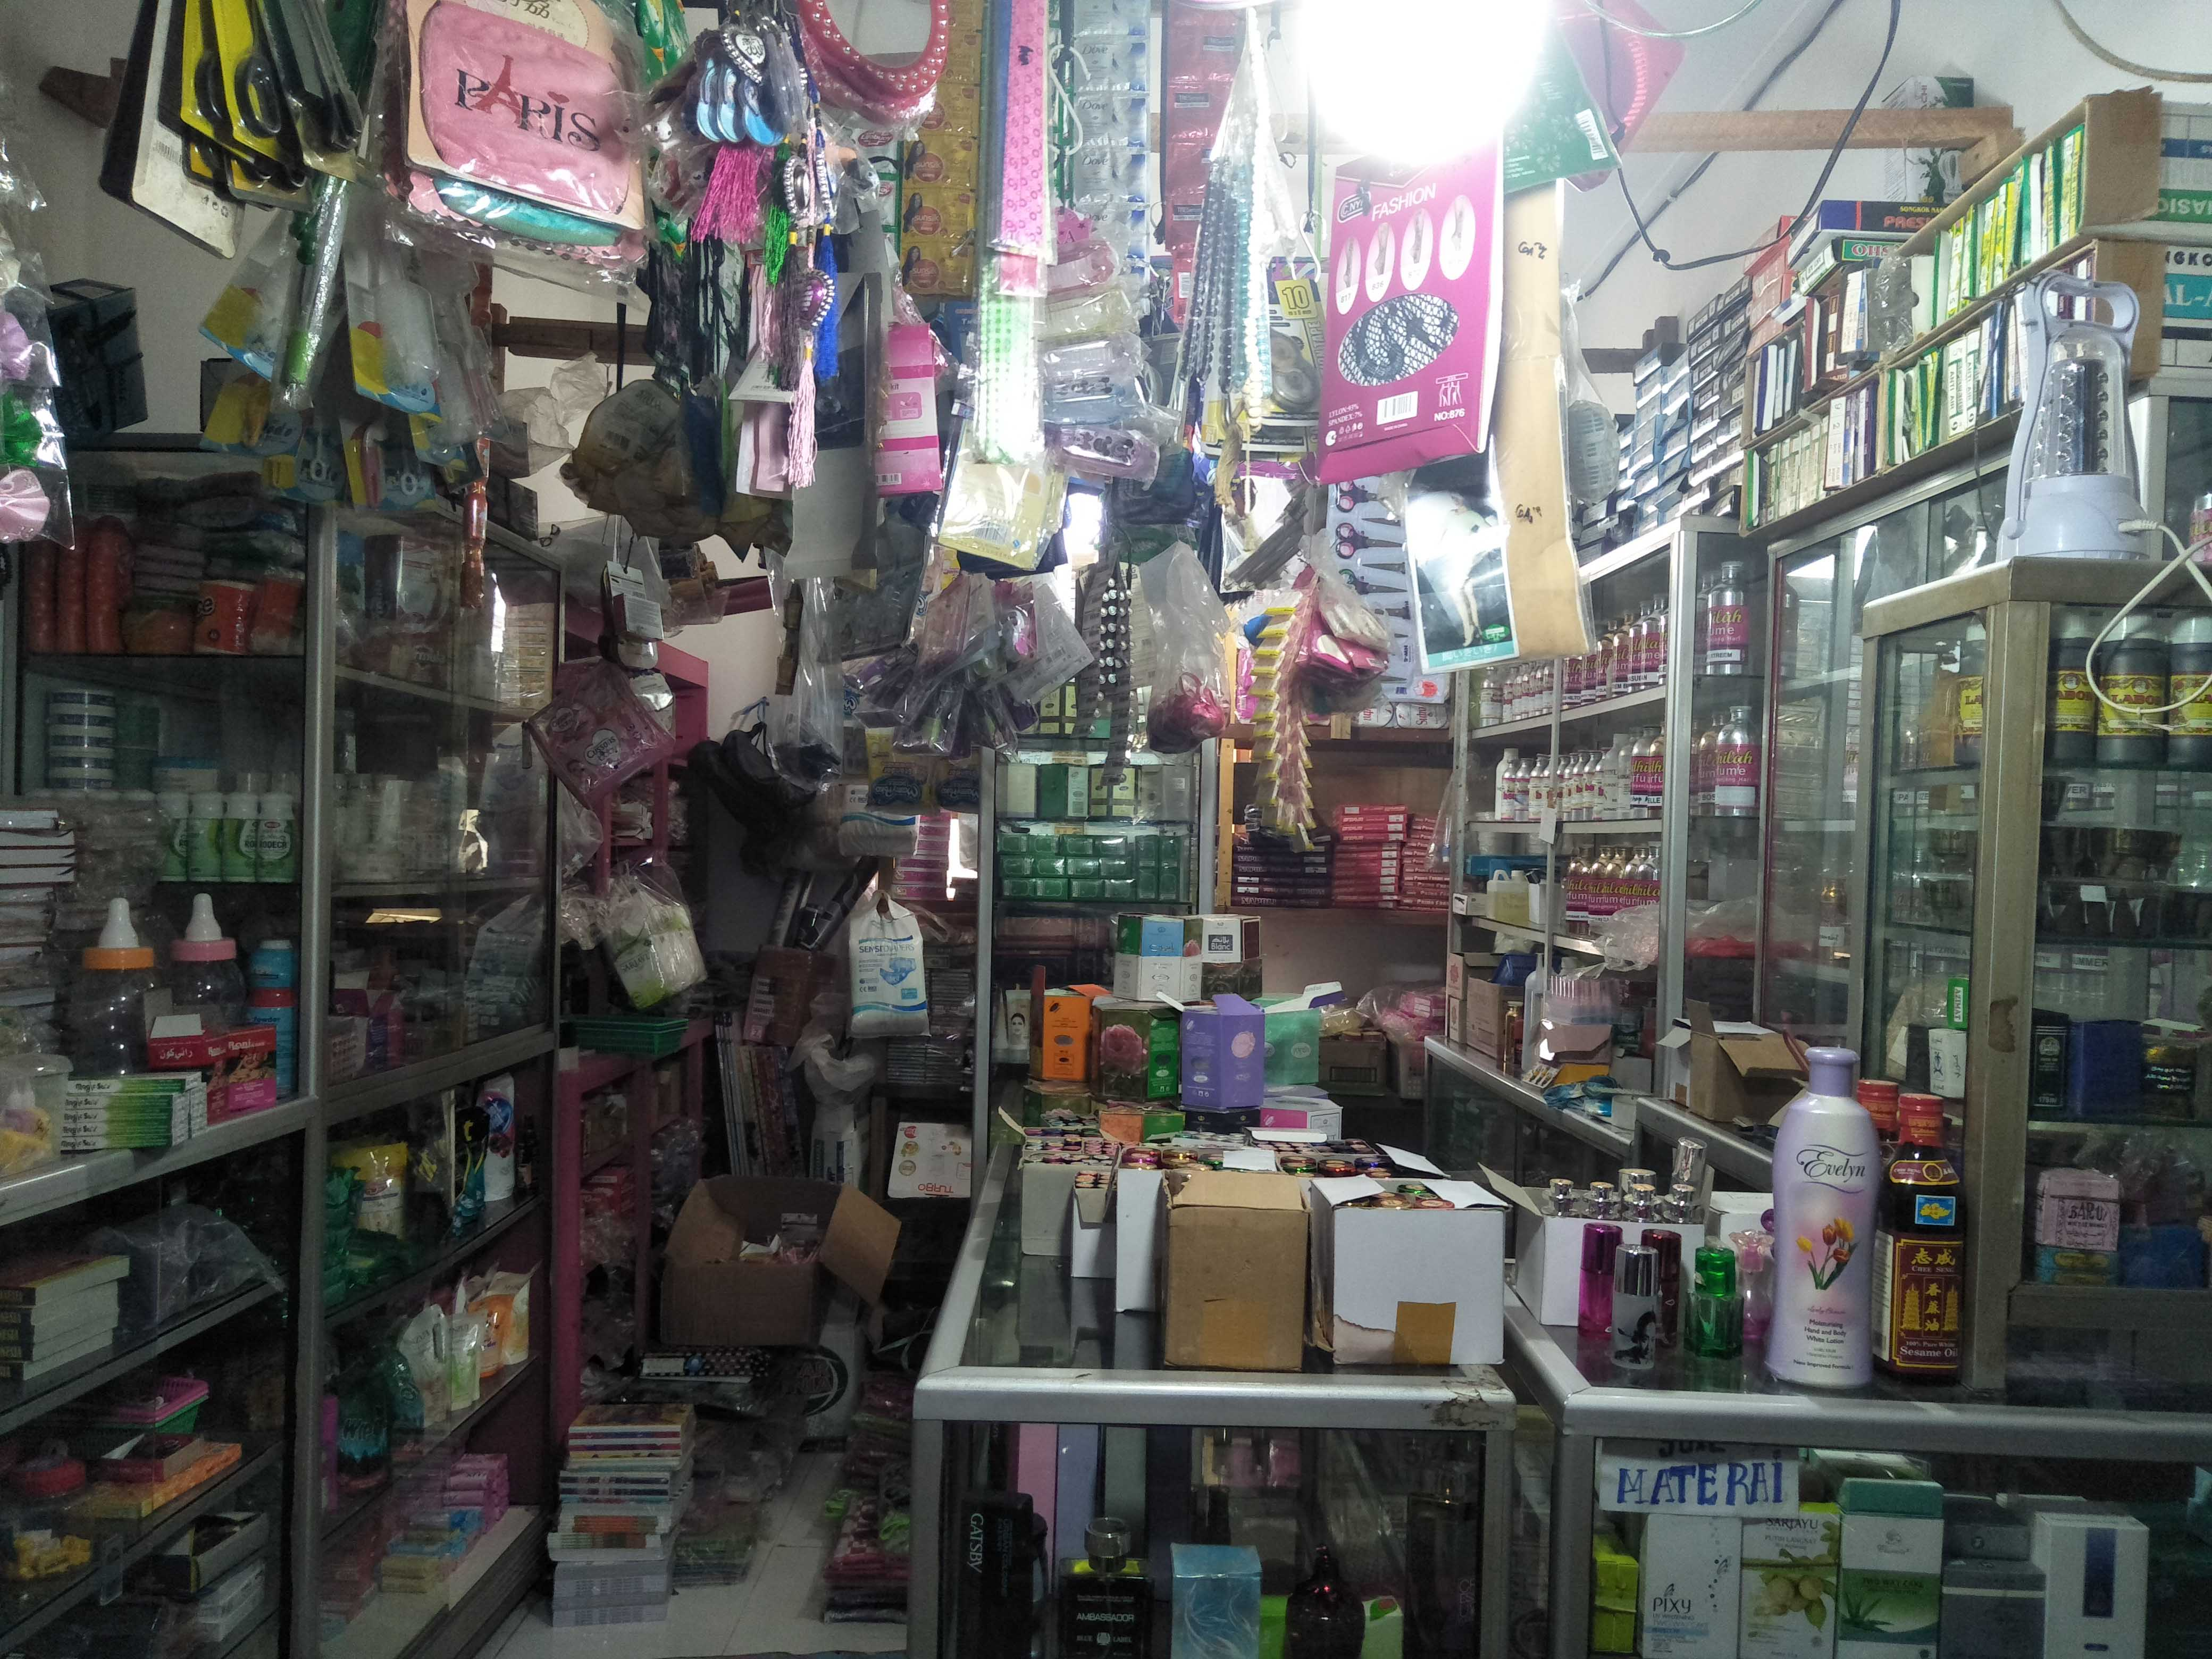 Toko Imas Fadilah Sediakan Kosmetik Berbagai Merek